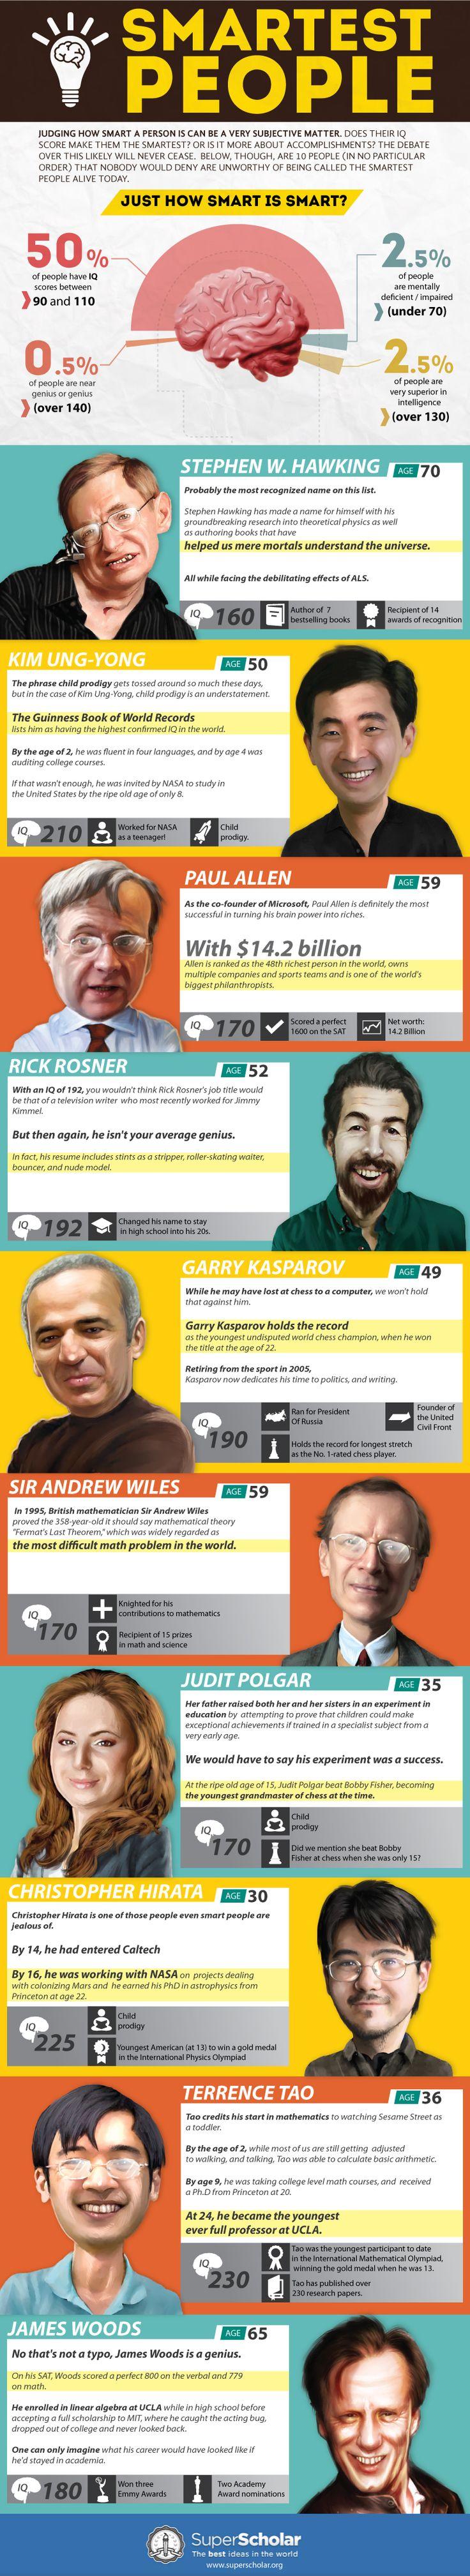 las personas más inteligentes. Seguro faltan muchos, pero estos son los más conocidos.